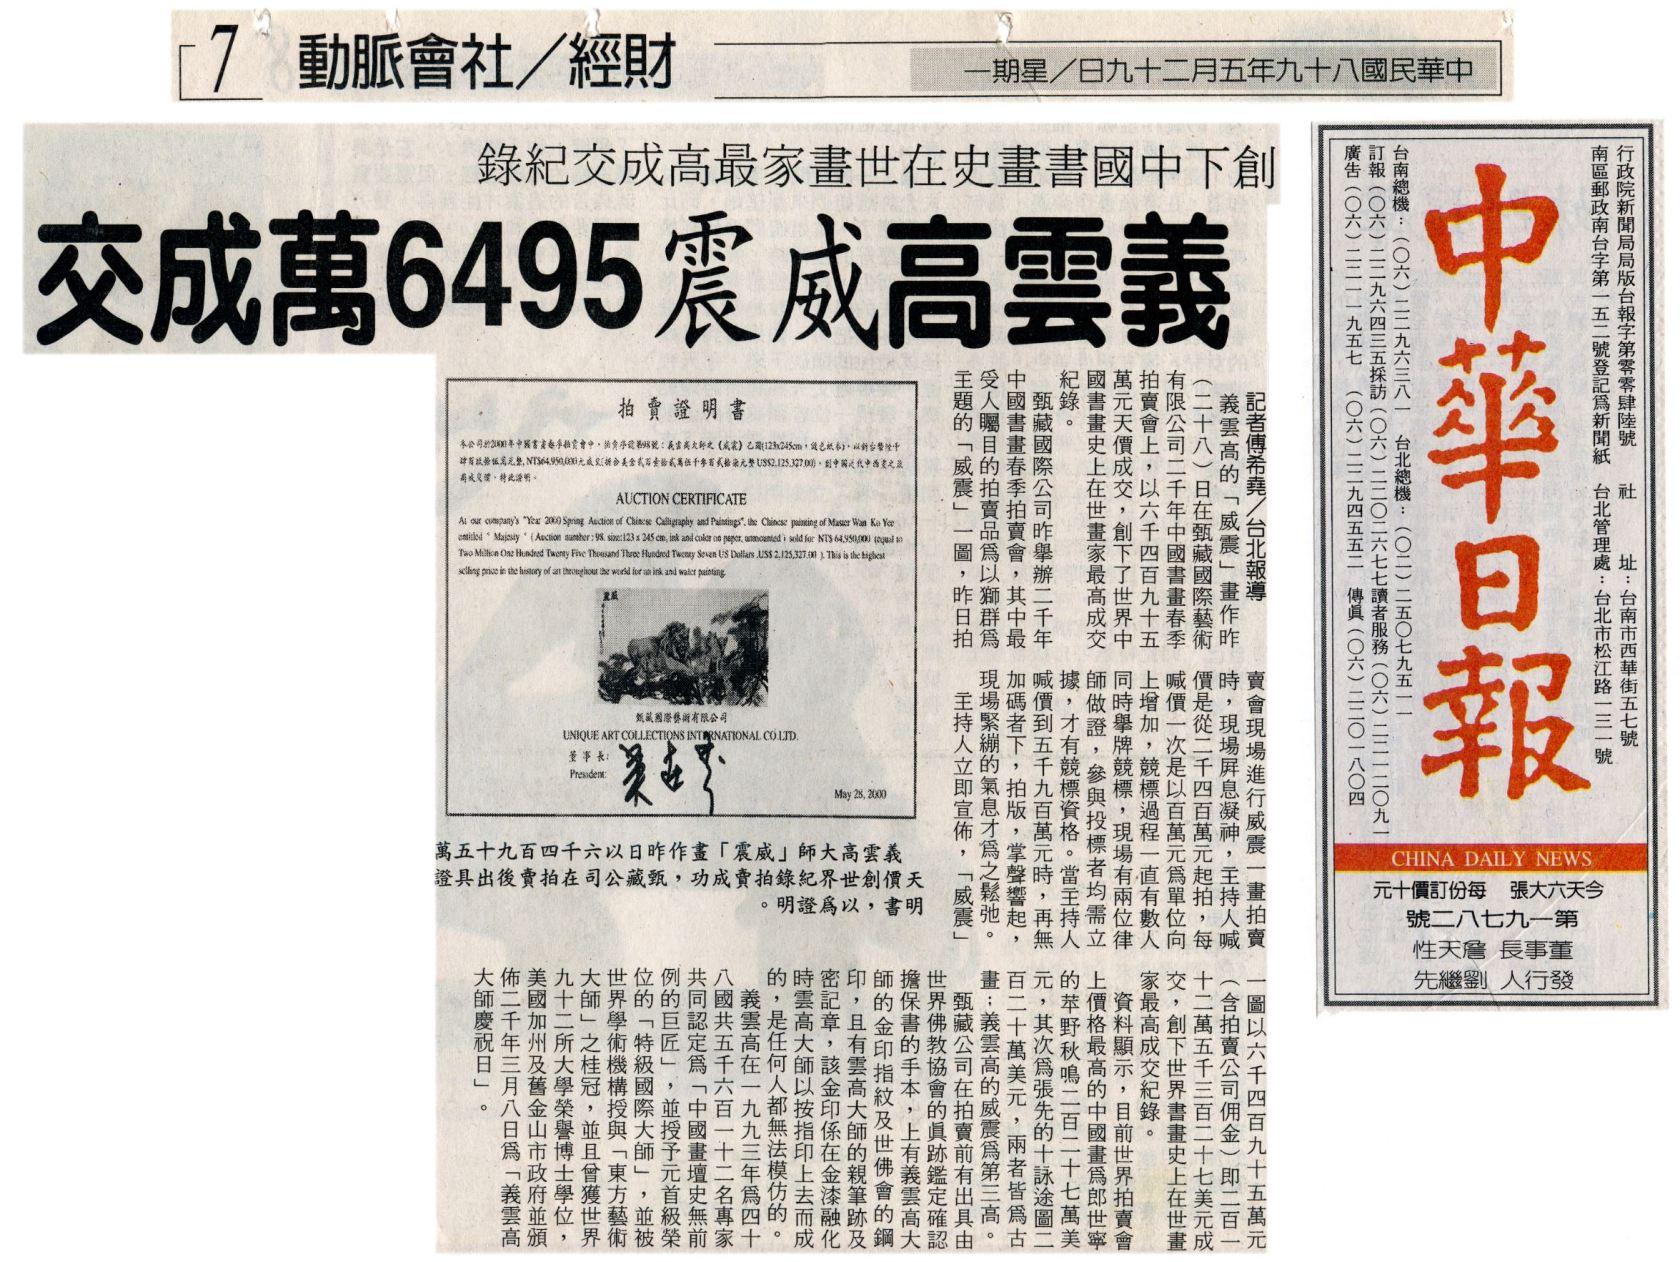 义云高大师「威震」画作昨日以六千四百九十五万天价创世界纪录拍卖成功 ,甄藏公司在拍卖后出具证明出,以为证明。